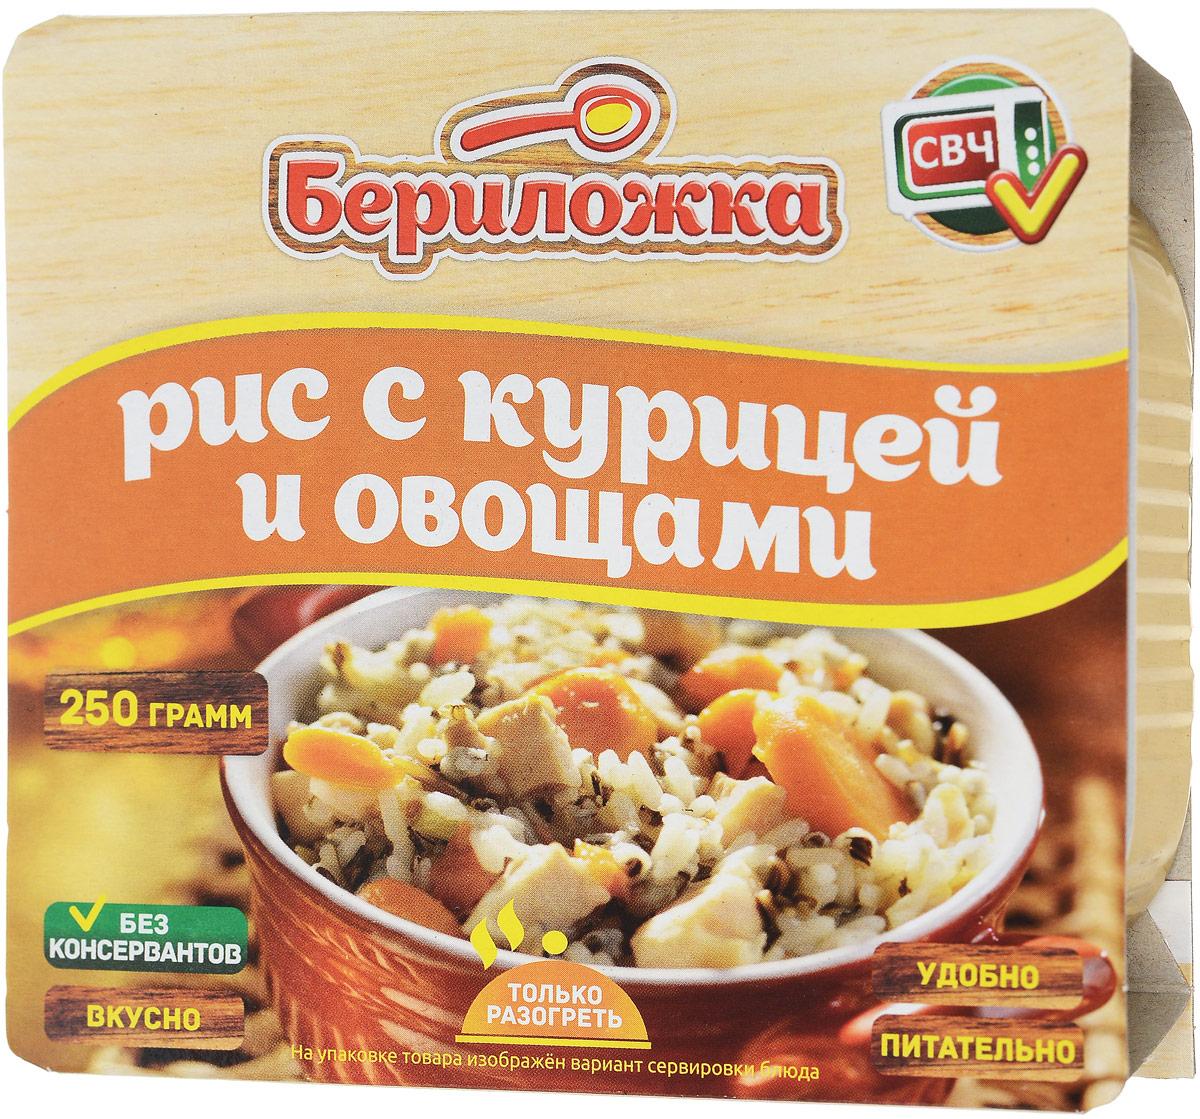 Бериложка рис с курицей и овощами, 250 г6117Рис с курицей и овощами Бериложка - мясорастительные консервы, стерилизованные. Перед употреблением рекомендуется разогреть. Продукт не содержит ГМО, консервантов. Уважаемые клиенты! Обращаем ваше внимание, что полный перечень состава продукта представлен на дополнительном изображении.